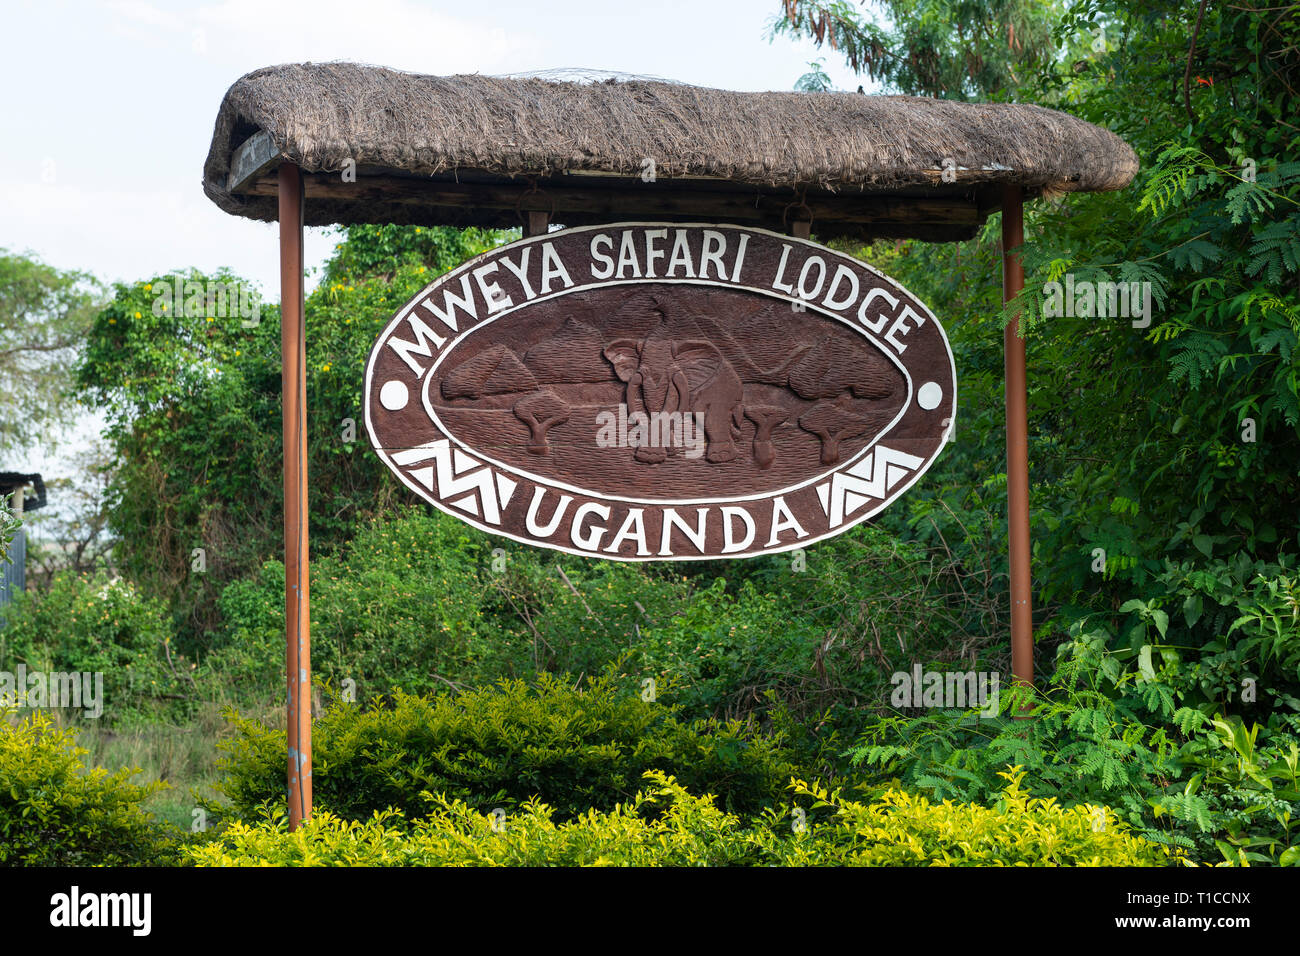 Letrero de Mweya Safari Lodge en el Parque Nacional Queen Elizabeth en el sudoeste de Uganda, África Oriental Imagen De Stock